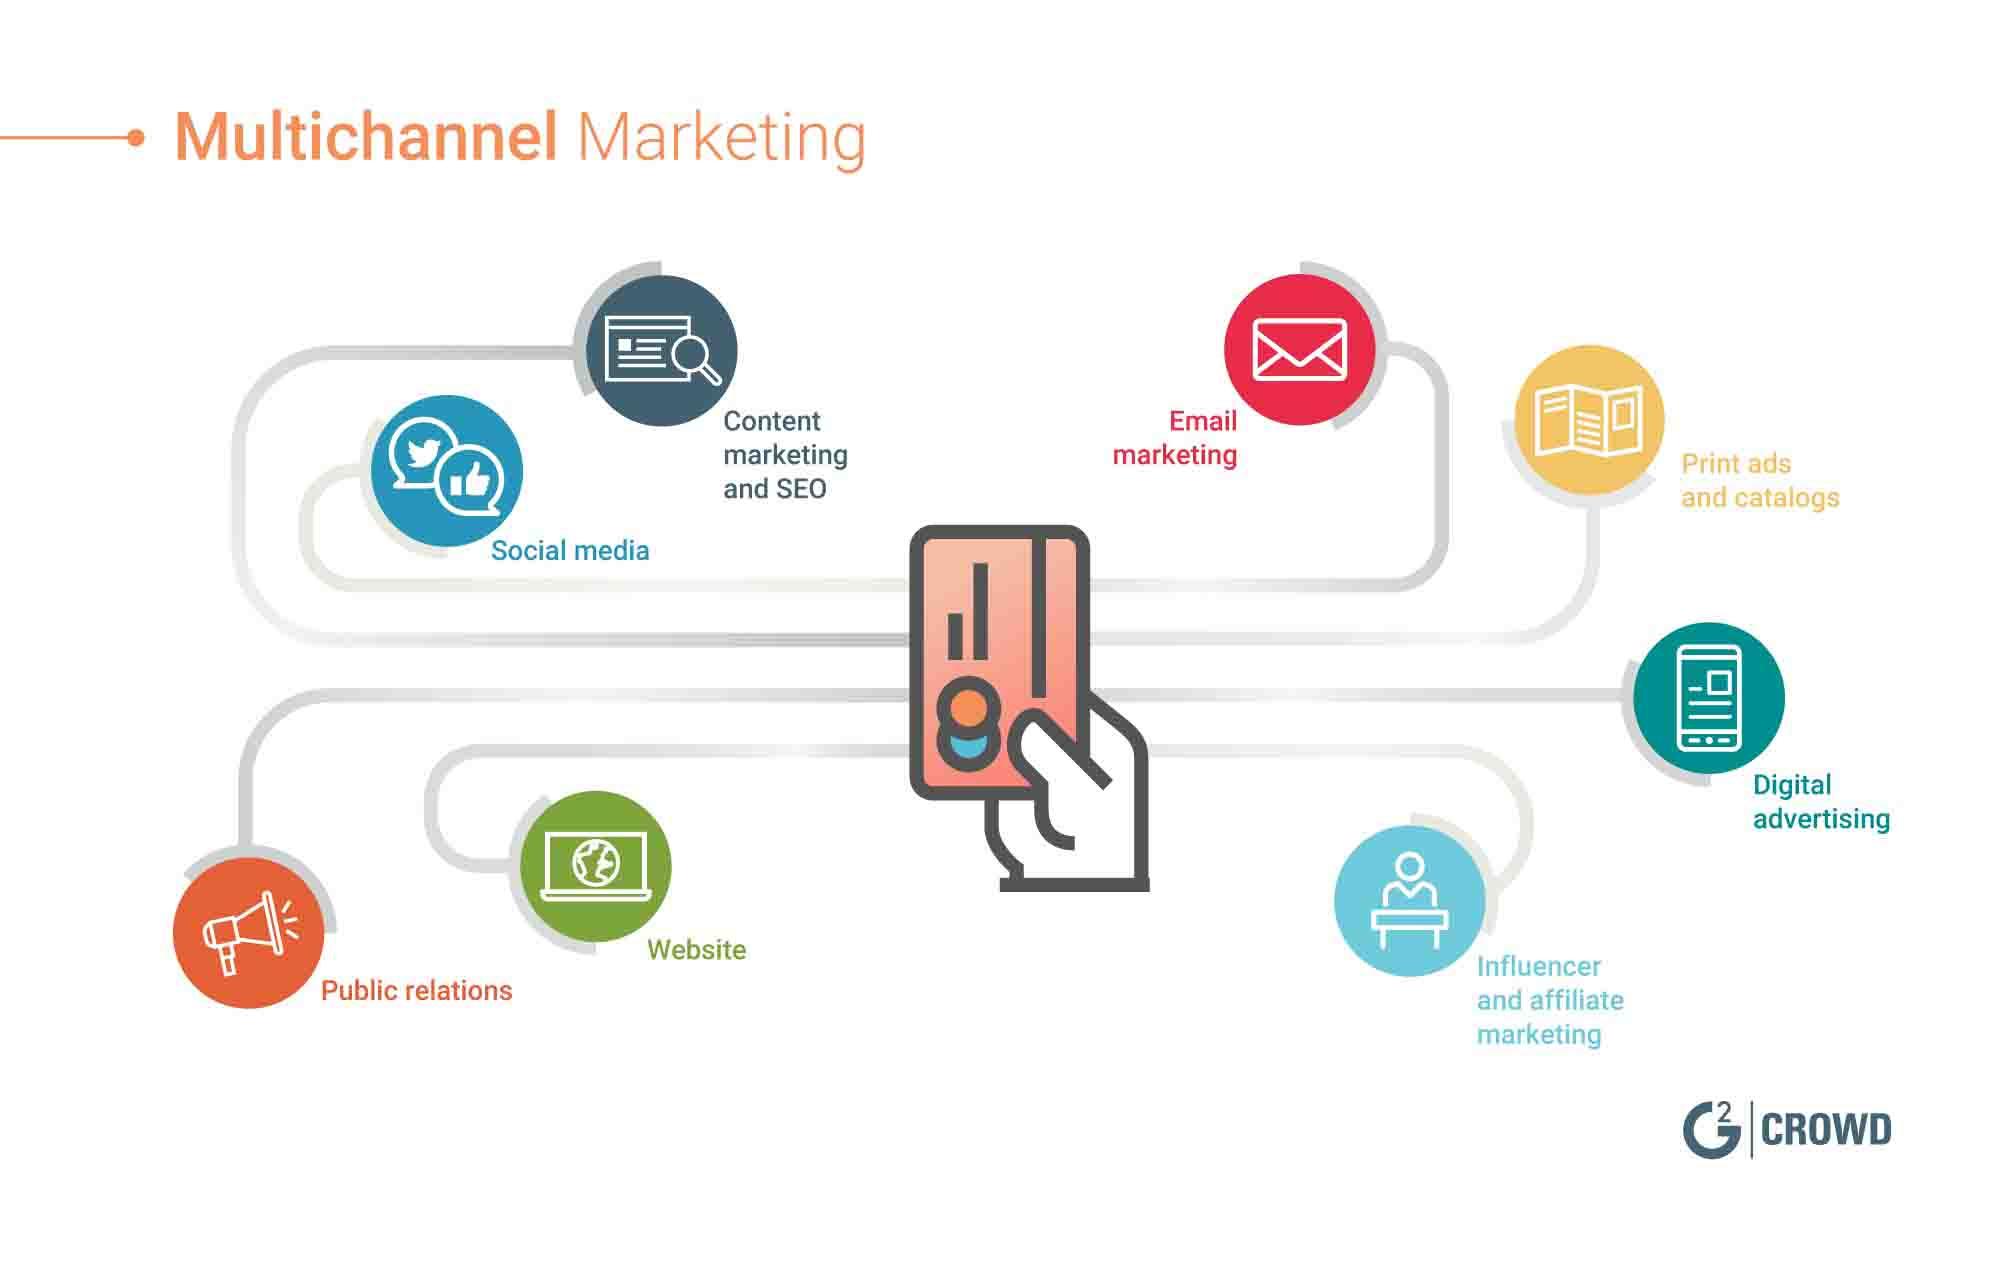 Mô hình Multichannel Marketing